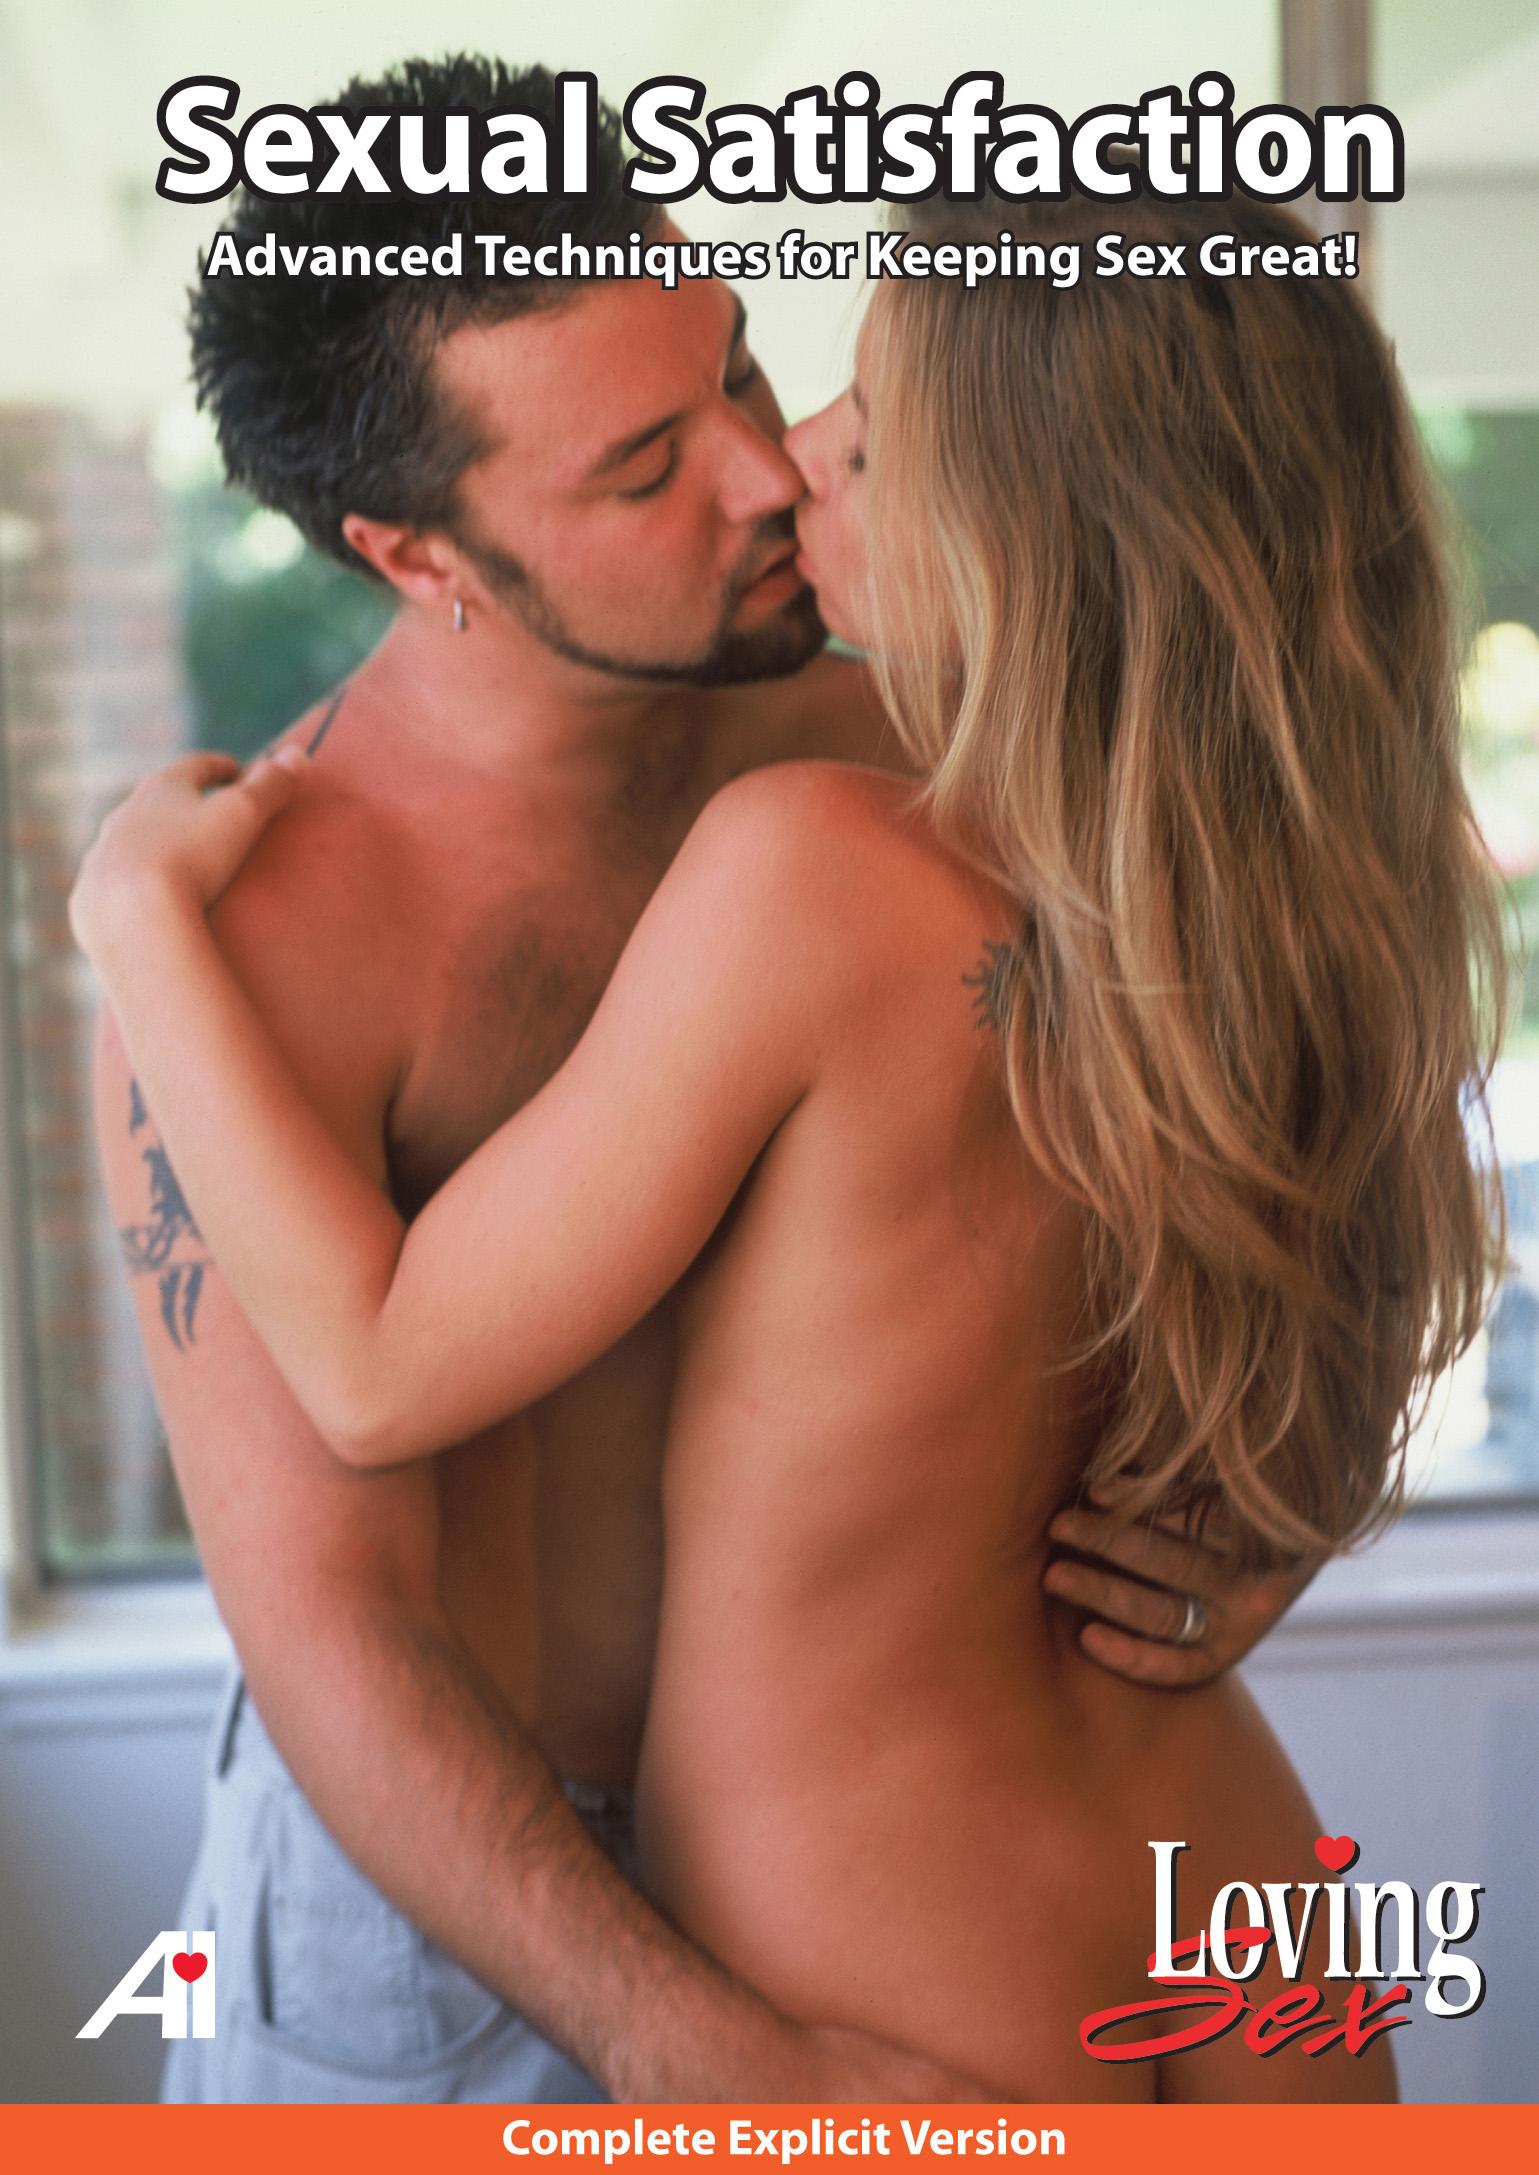 Sophia bush nude photos